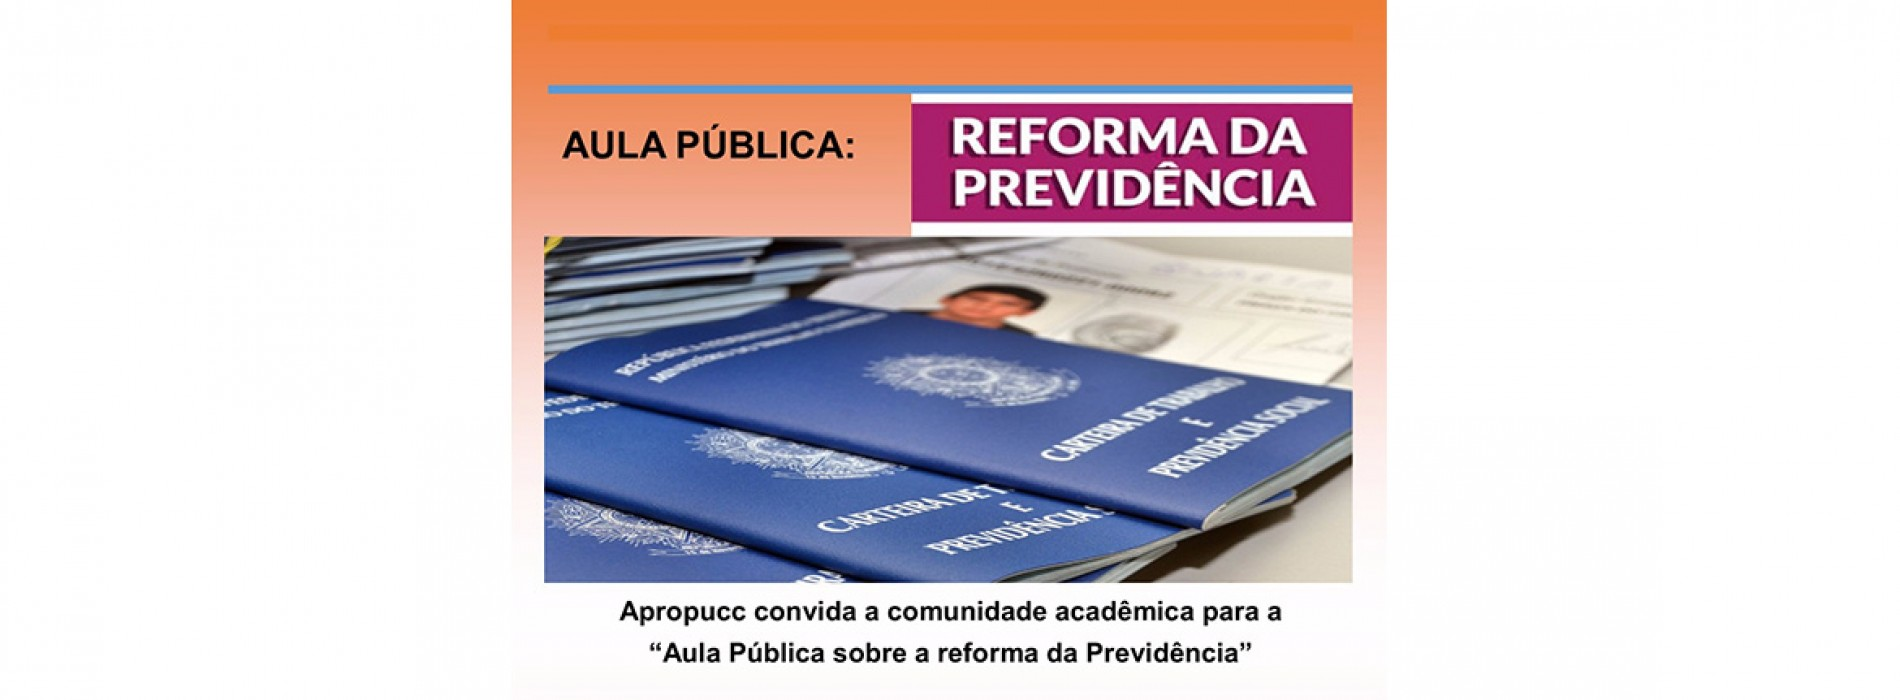 Aula Pública sobre a Reforma da Previdência